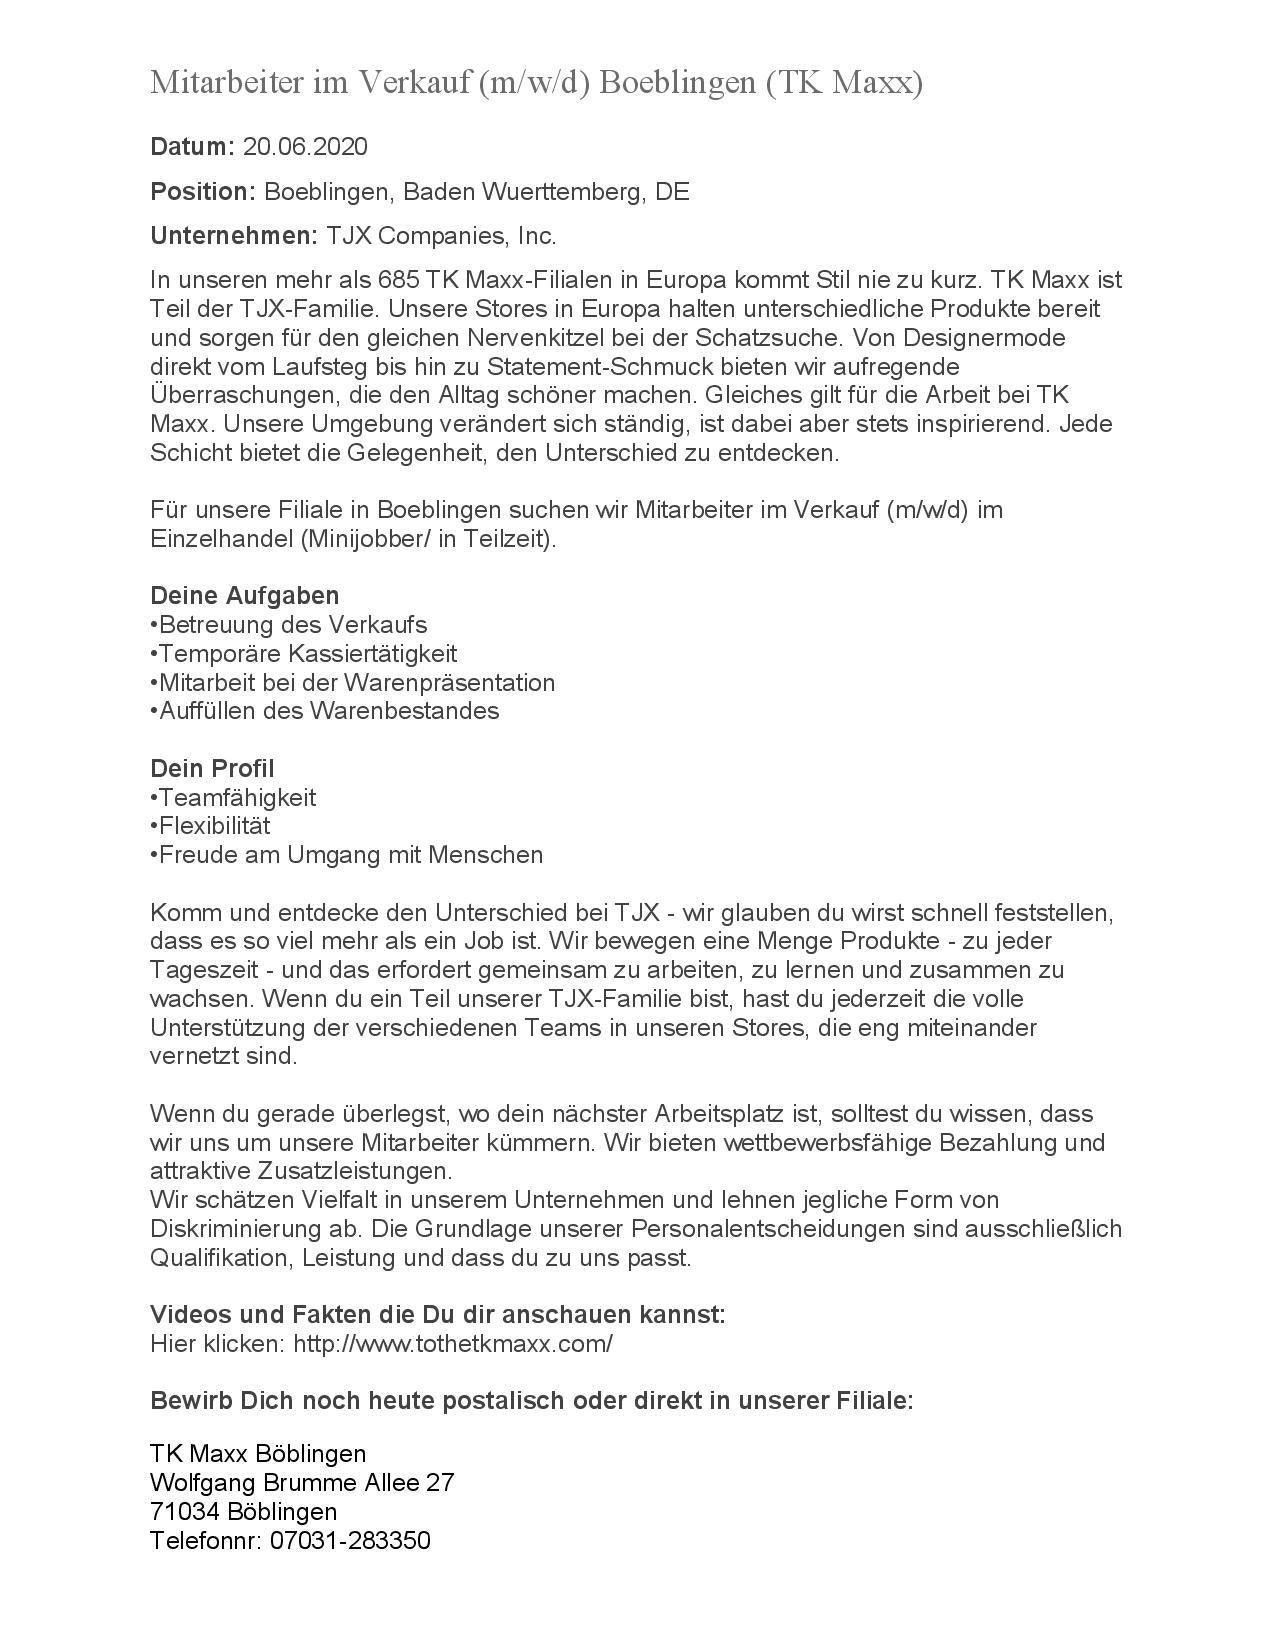 20200608 Mitarbeiter im Verkauf TK Maxx Boeblingen